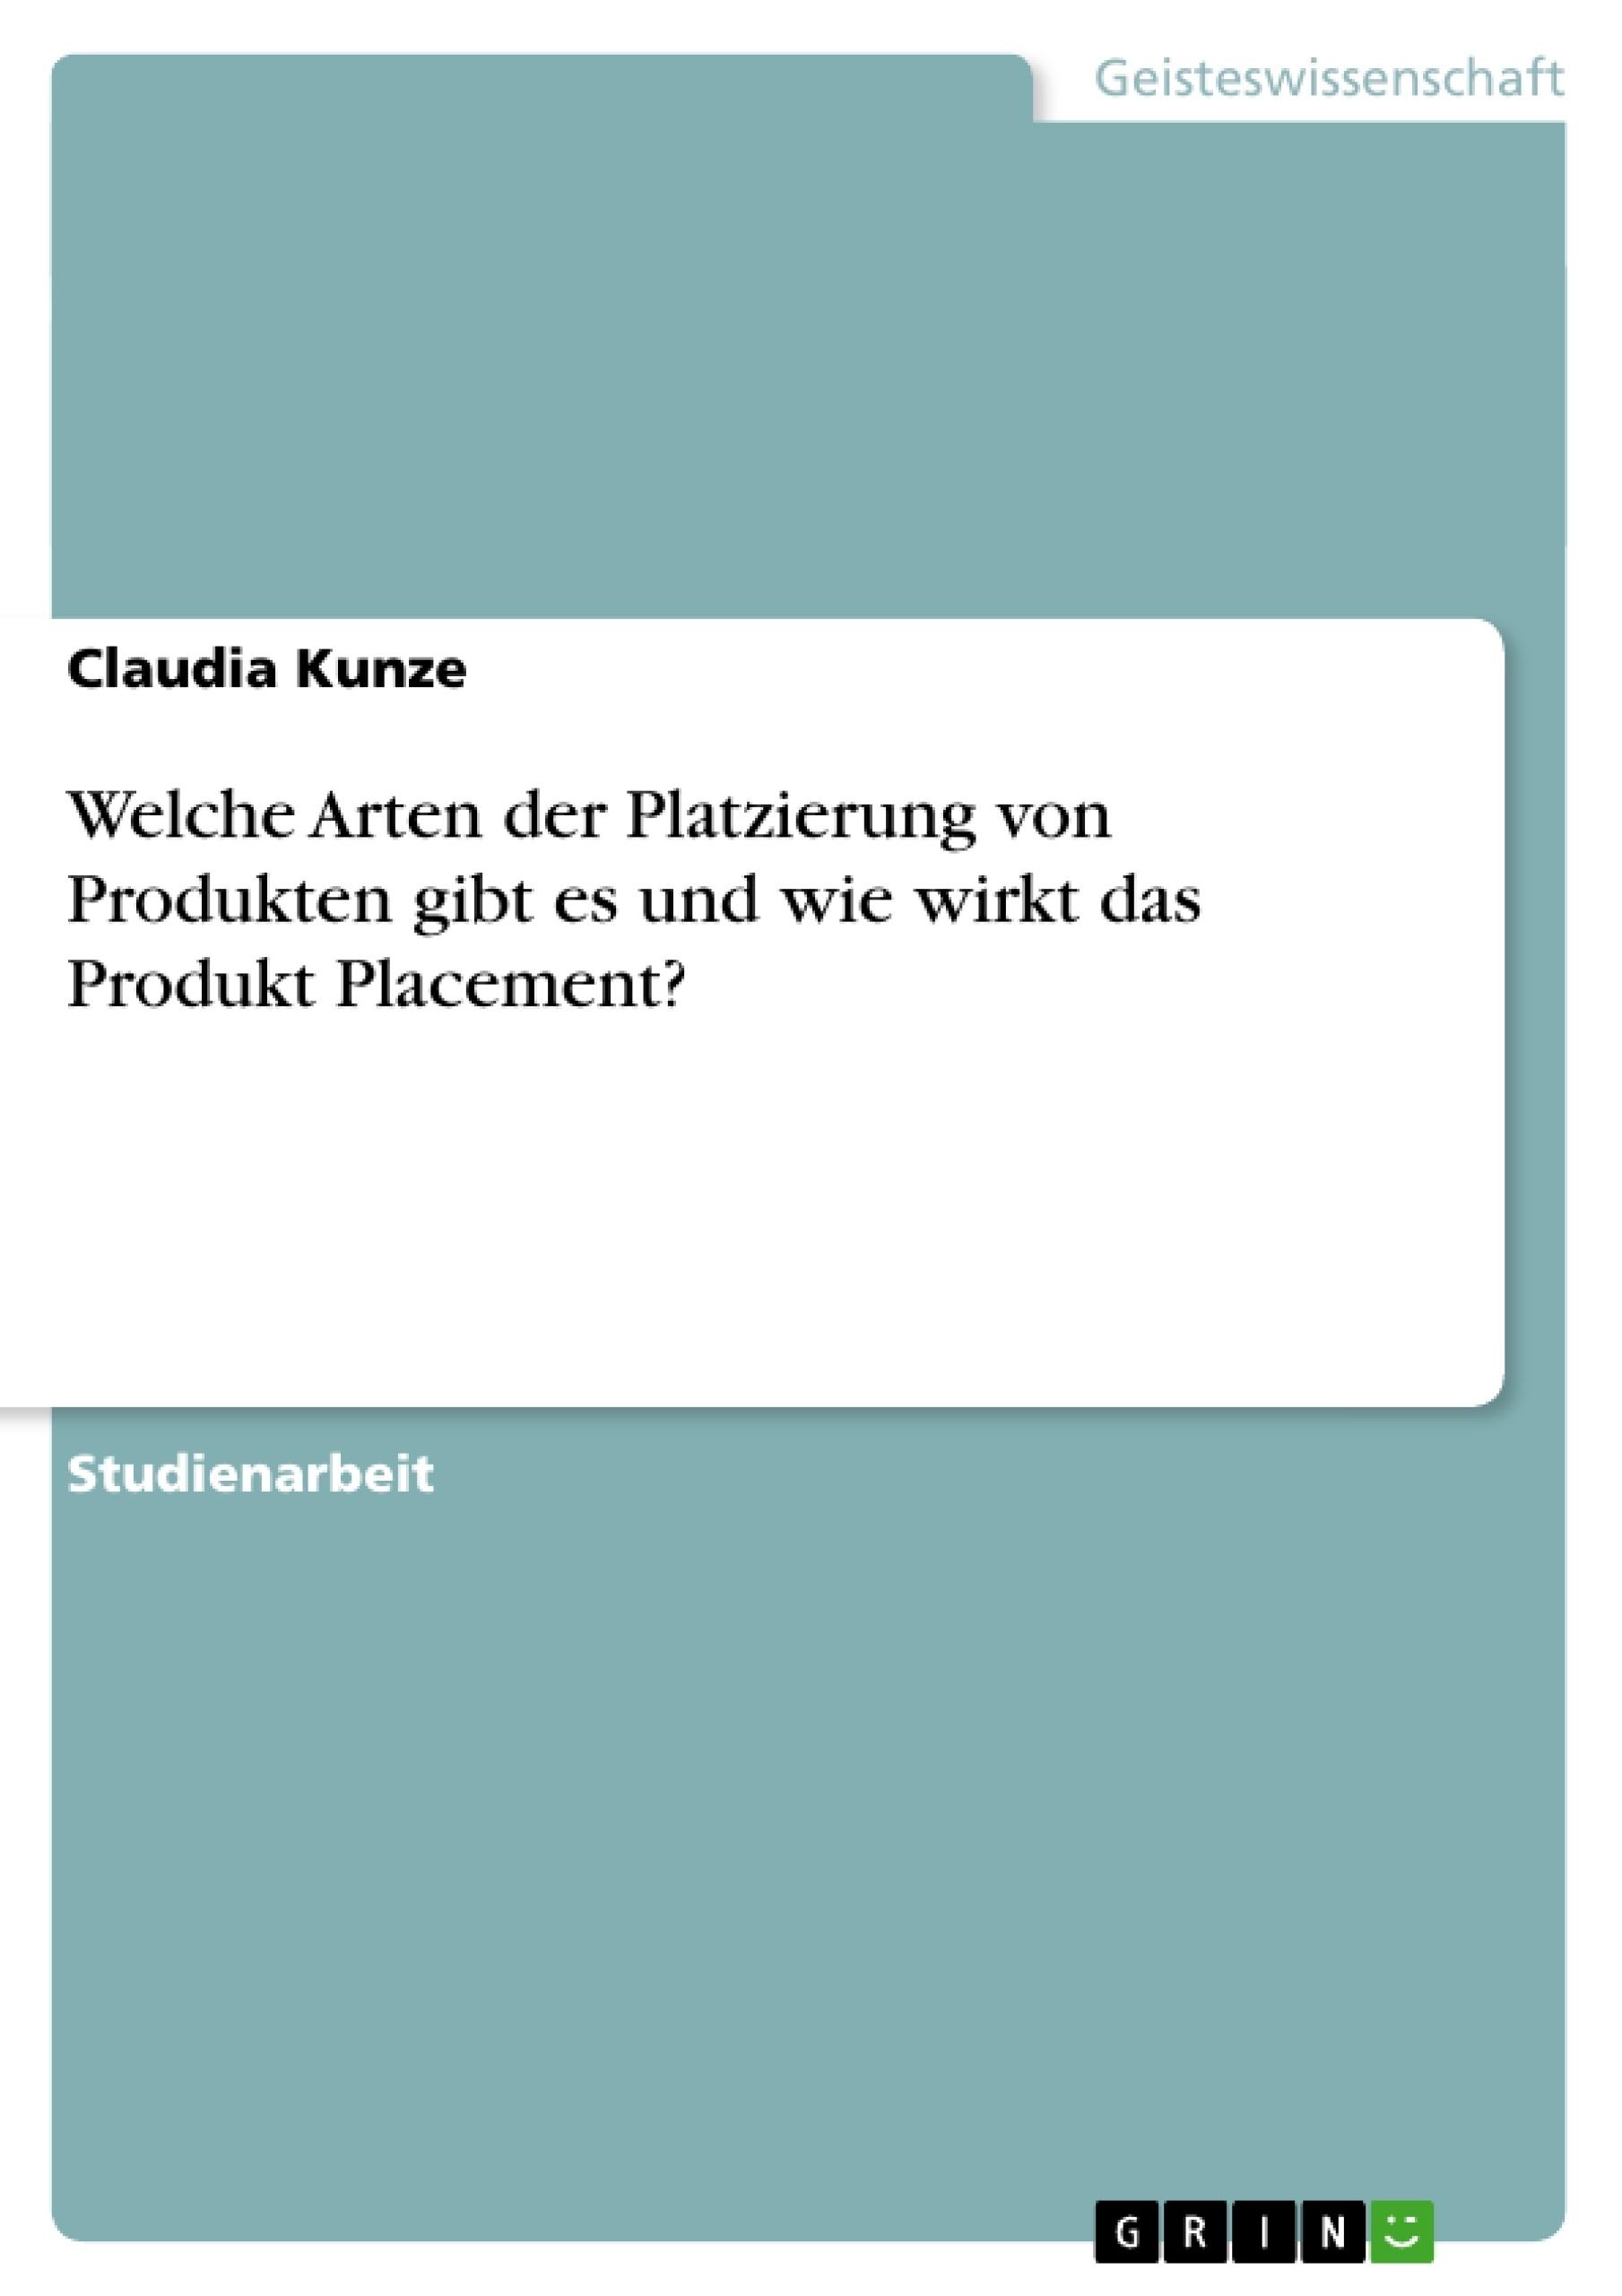 Titel: Welche Arten der Platzierung von Produkten gibt es und wie wirkt das Produkt Placement?